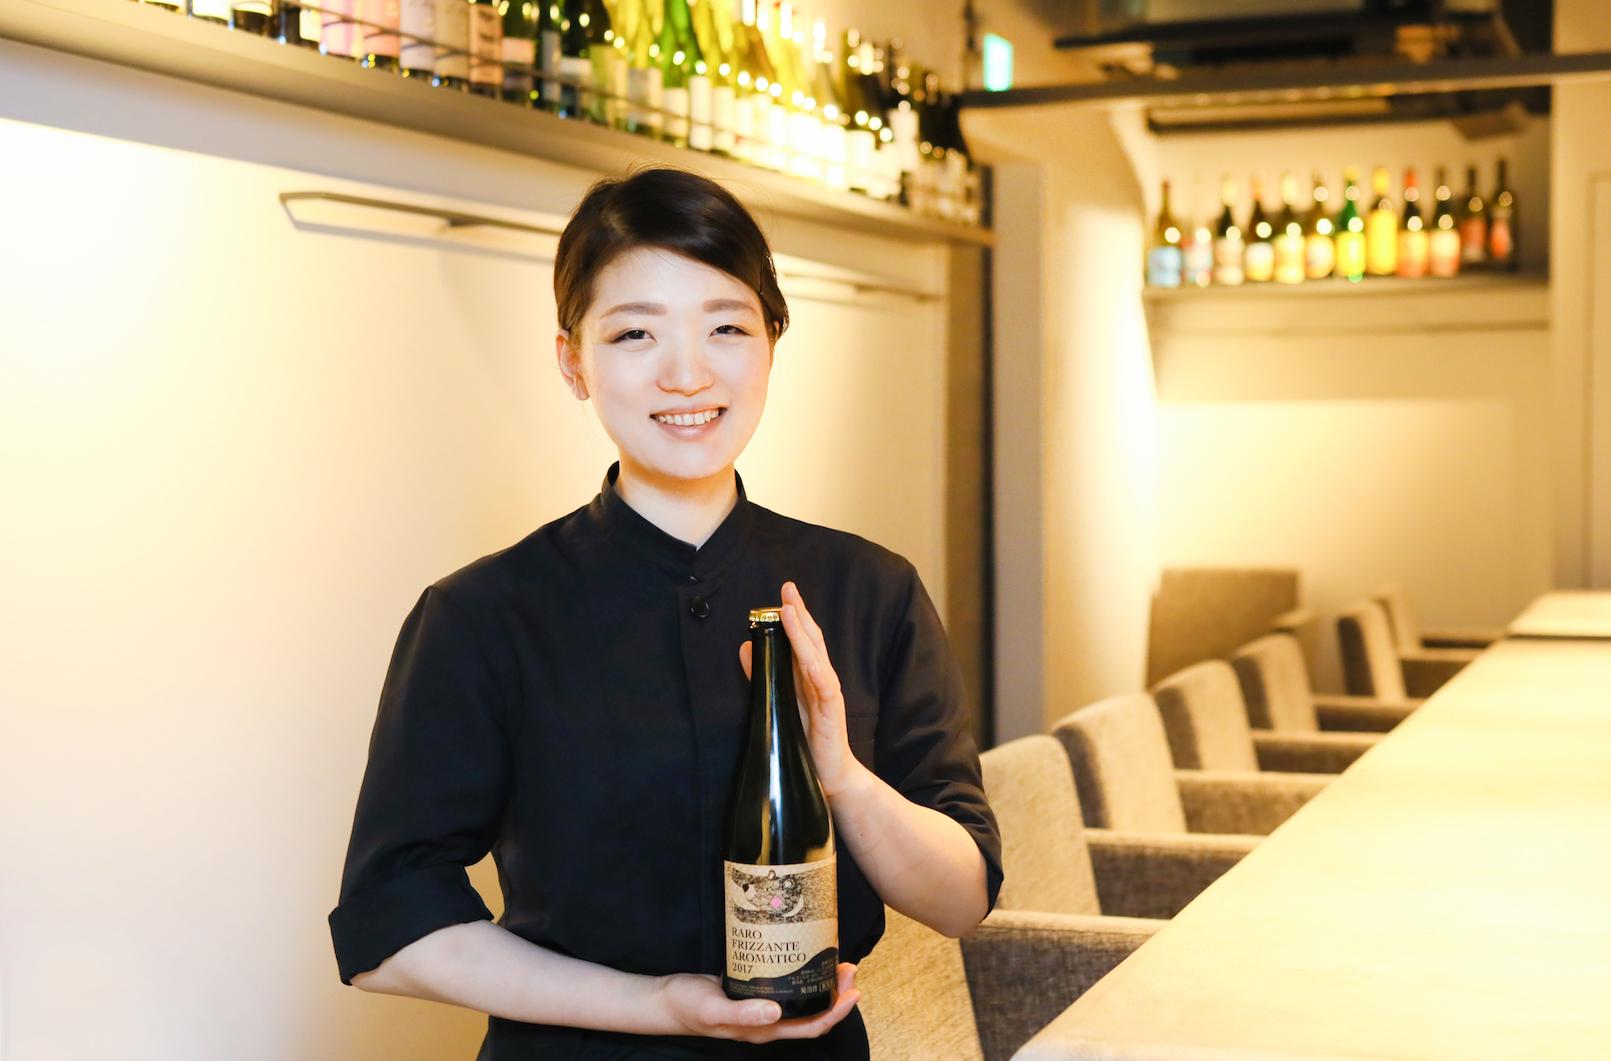 ワインを持つ女性